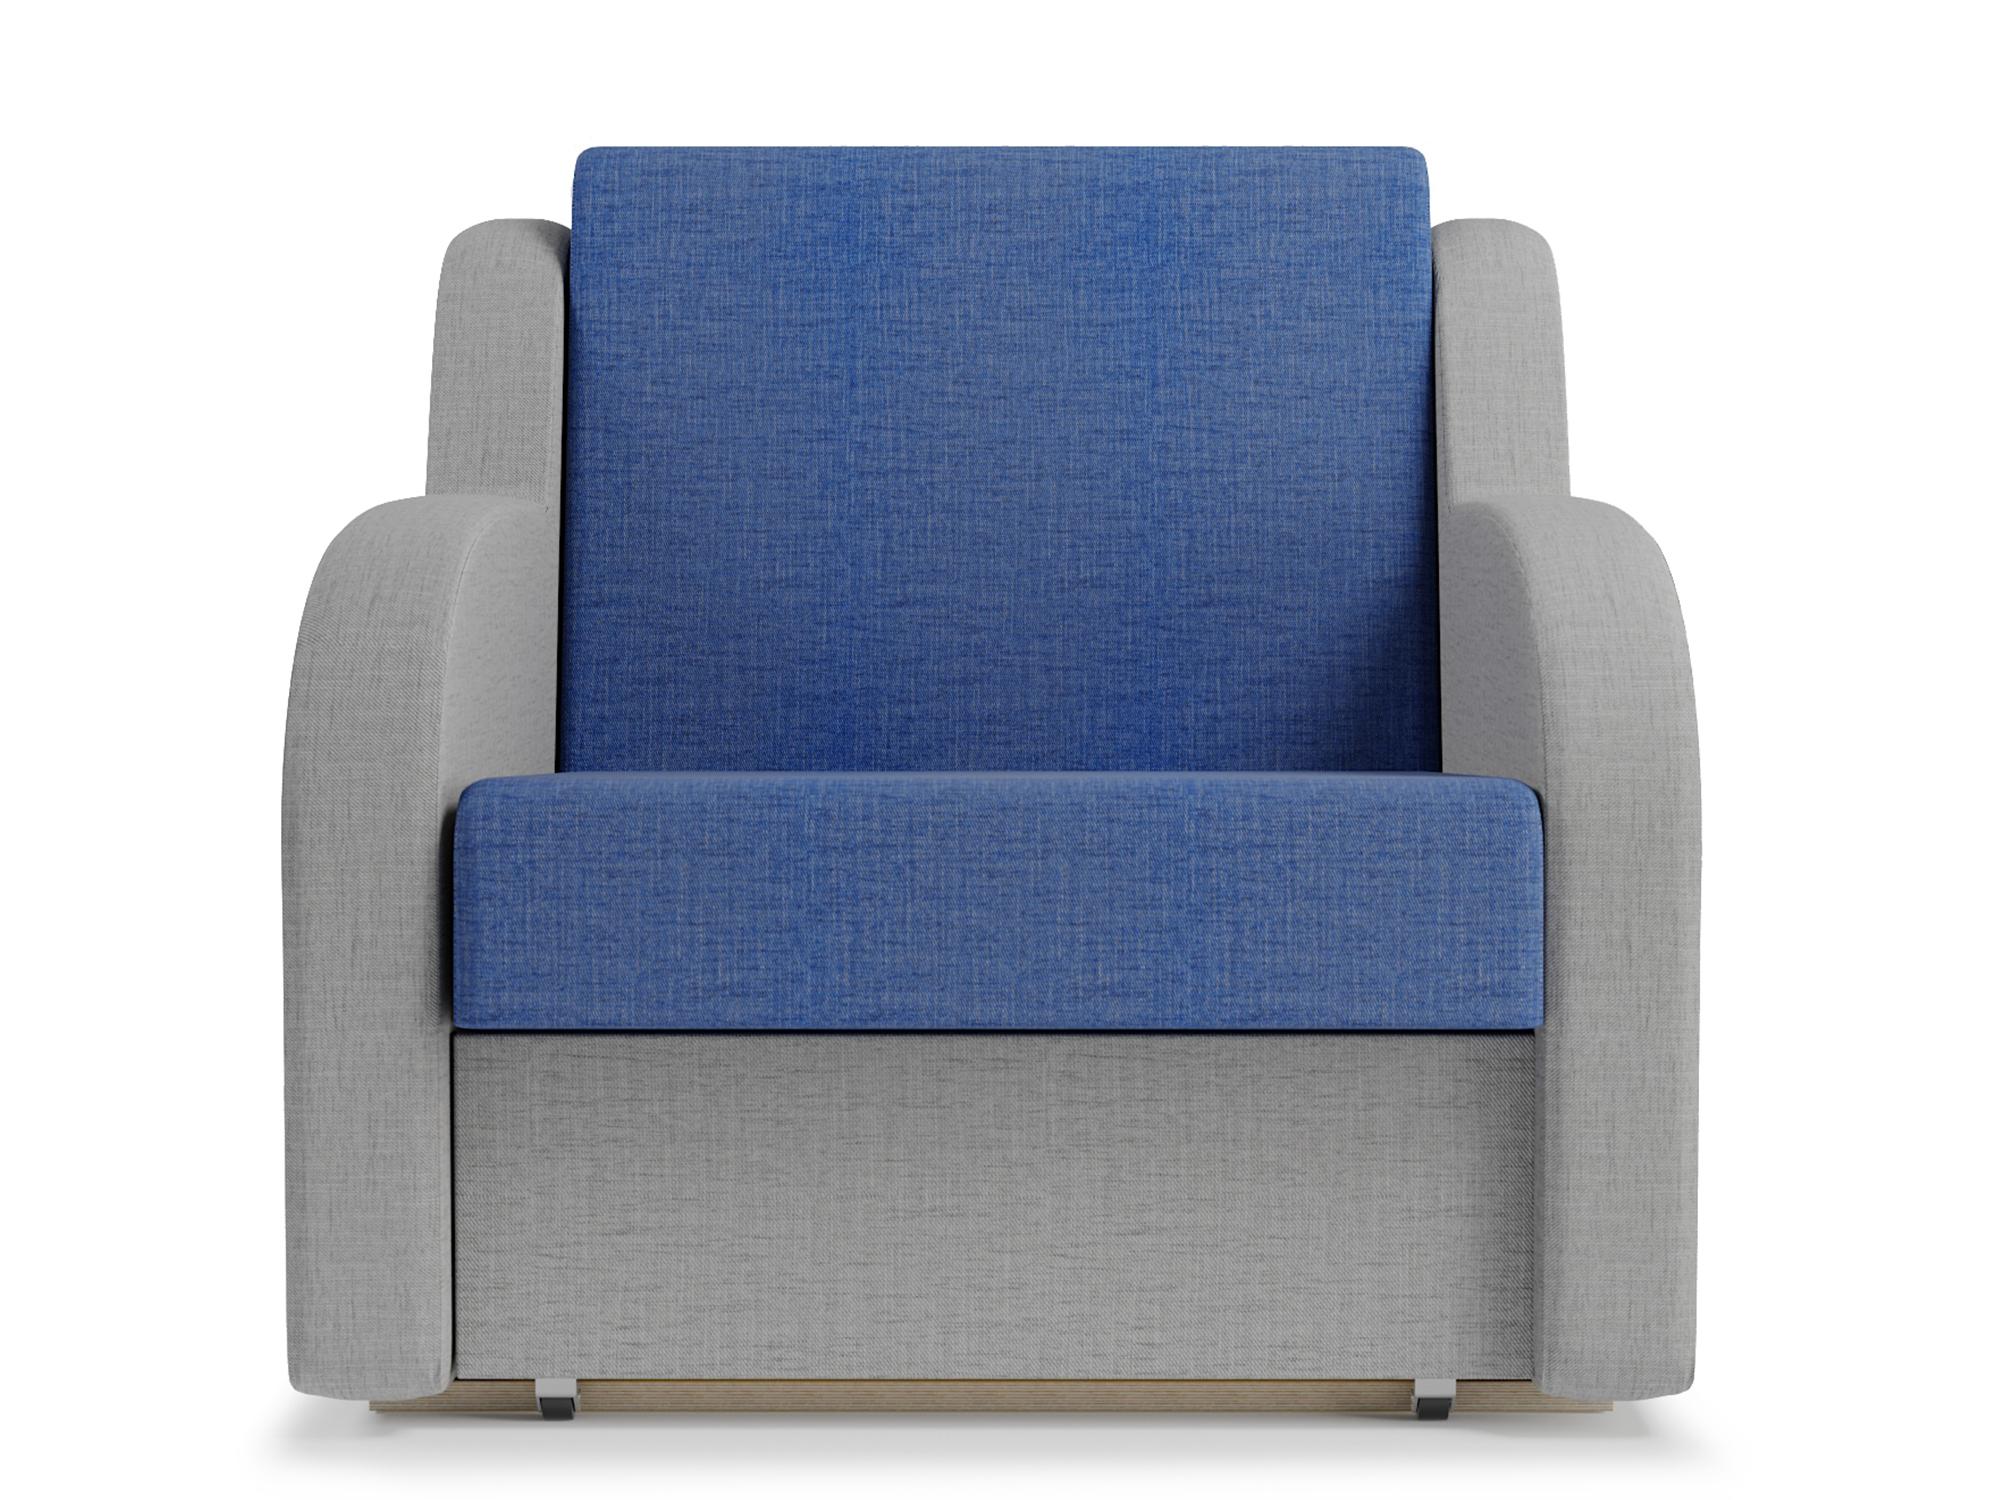 Кресло-кровать Ремикс 1 MebelVia Серый, Синий, Рогожка, Массив, ЛДСП, Фа